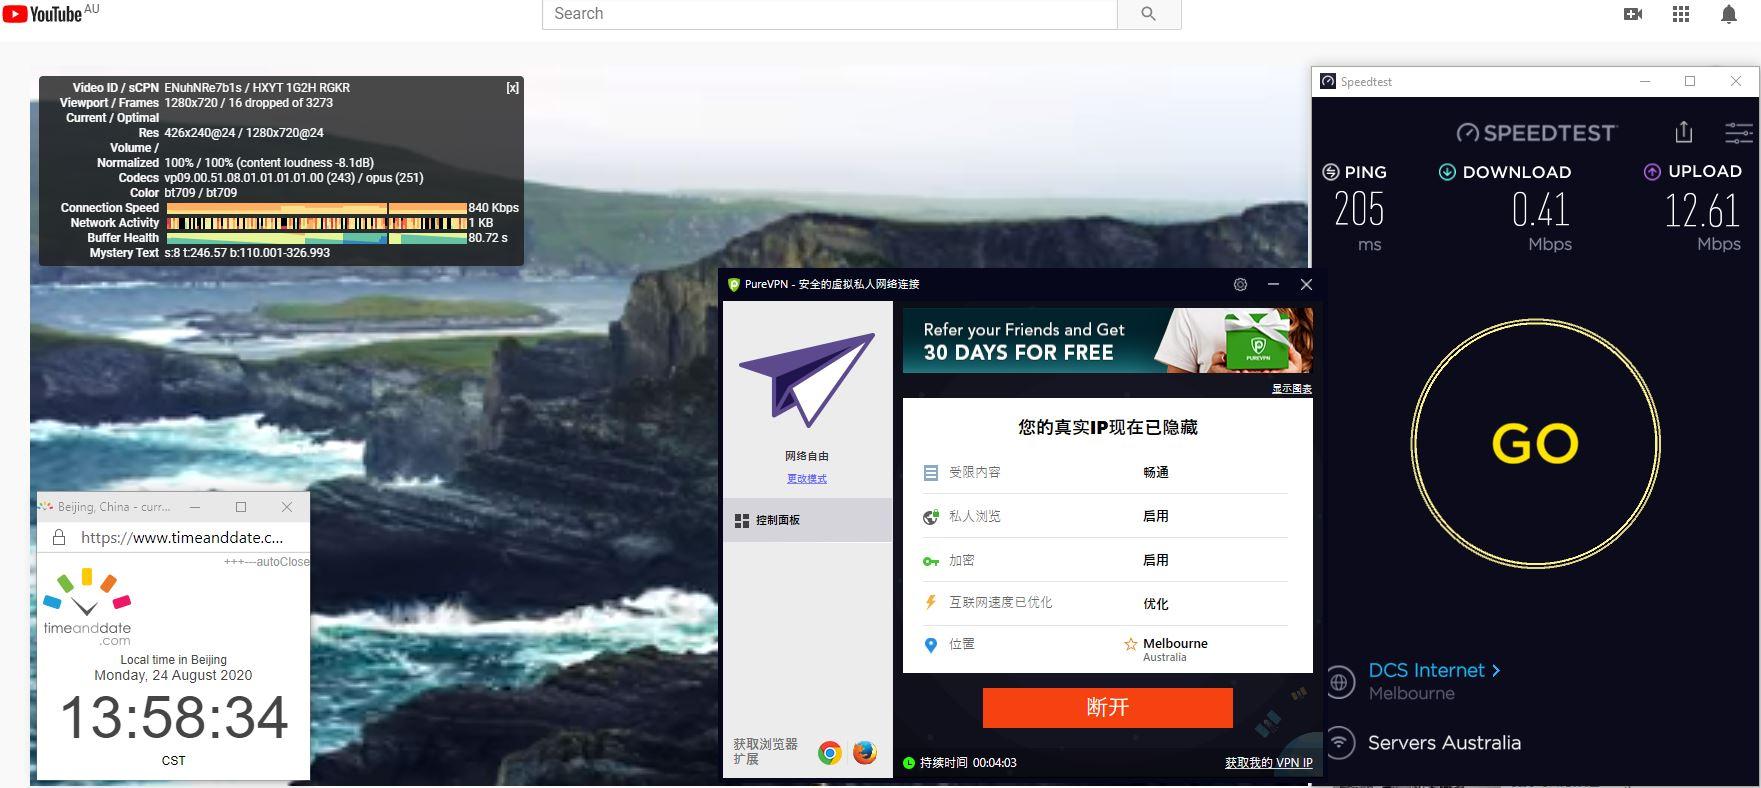 Windows10 PureVPN 自由网络 Australia 中国VPN 翻墙 科学上网 翻墙速度测试 SpeedTest - 20200824